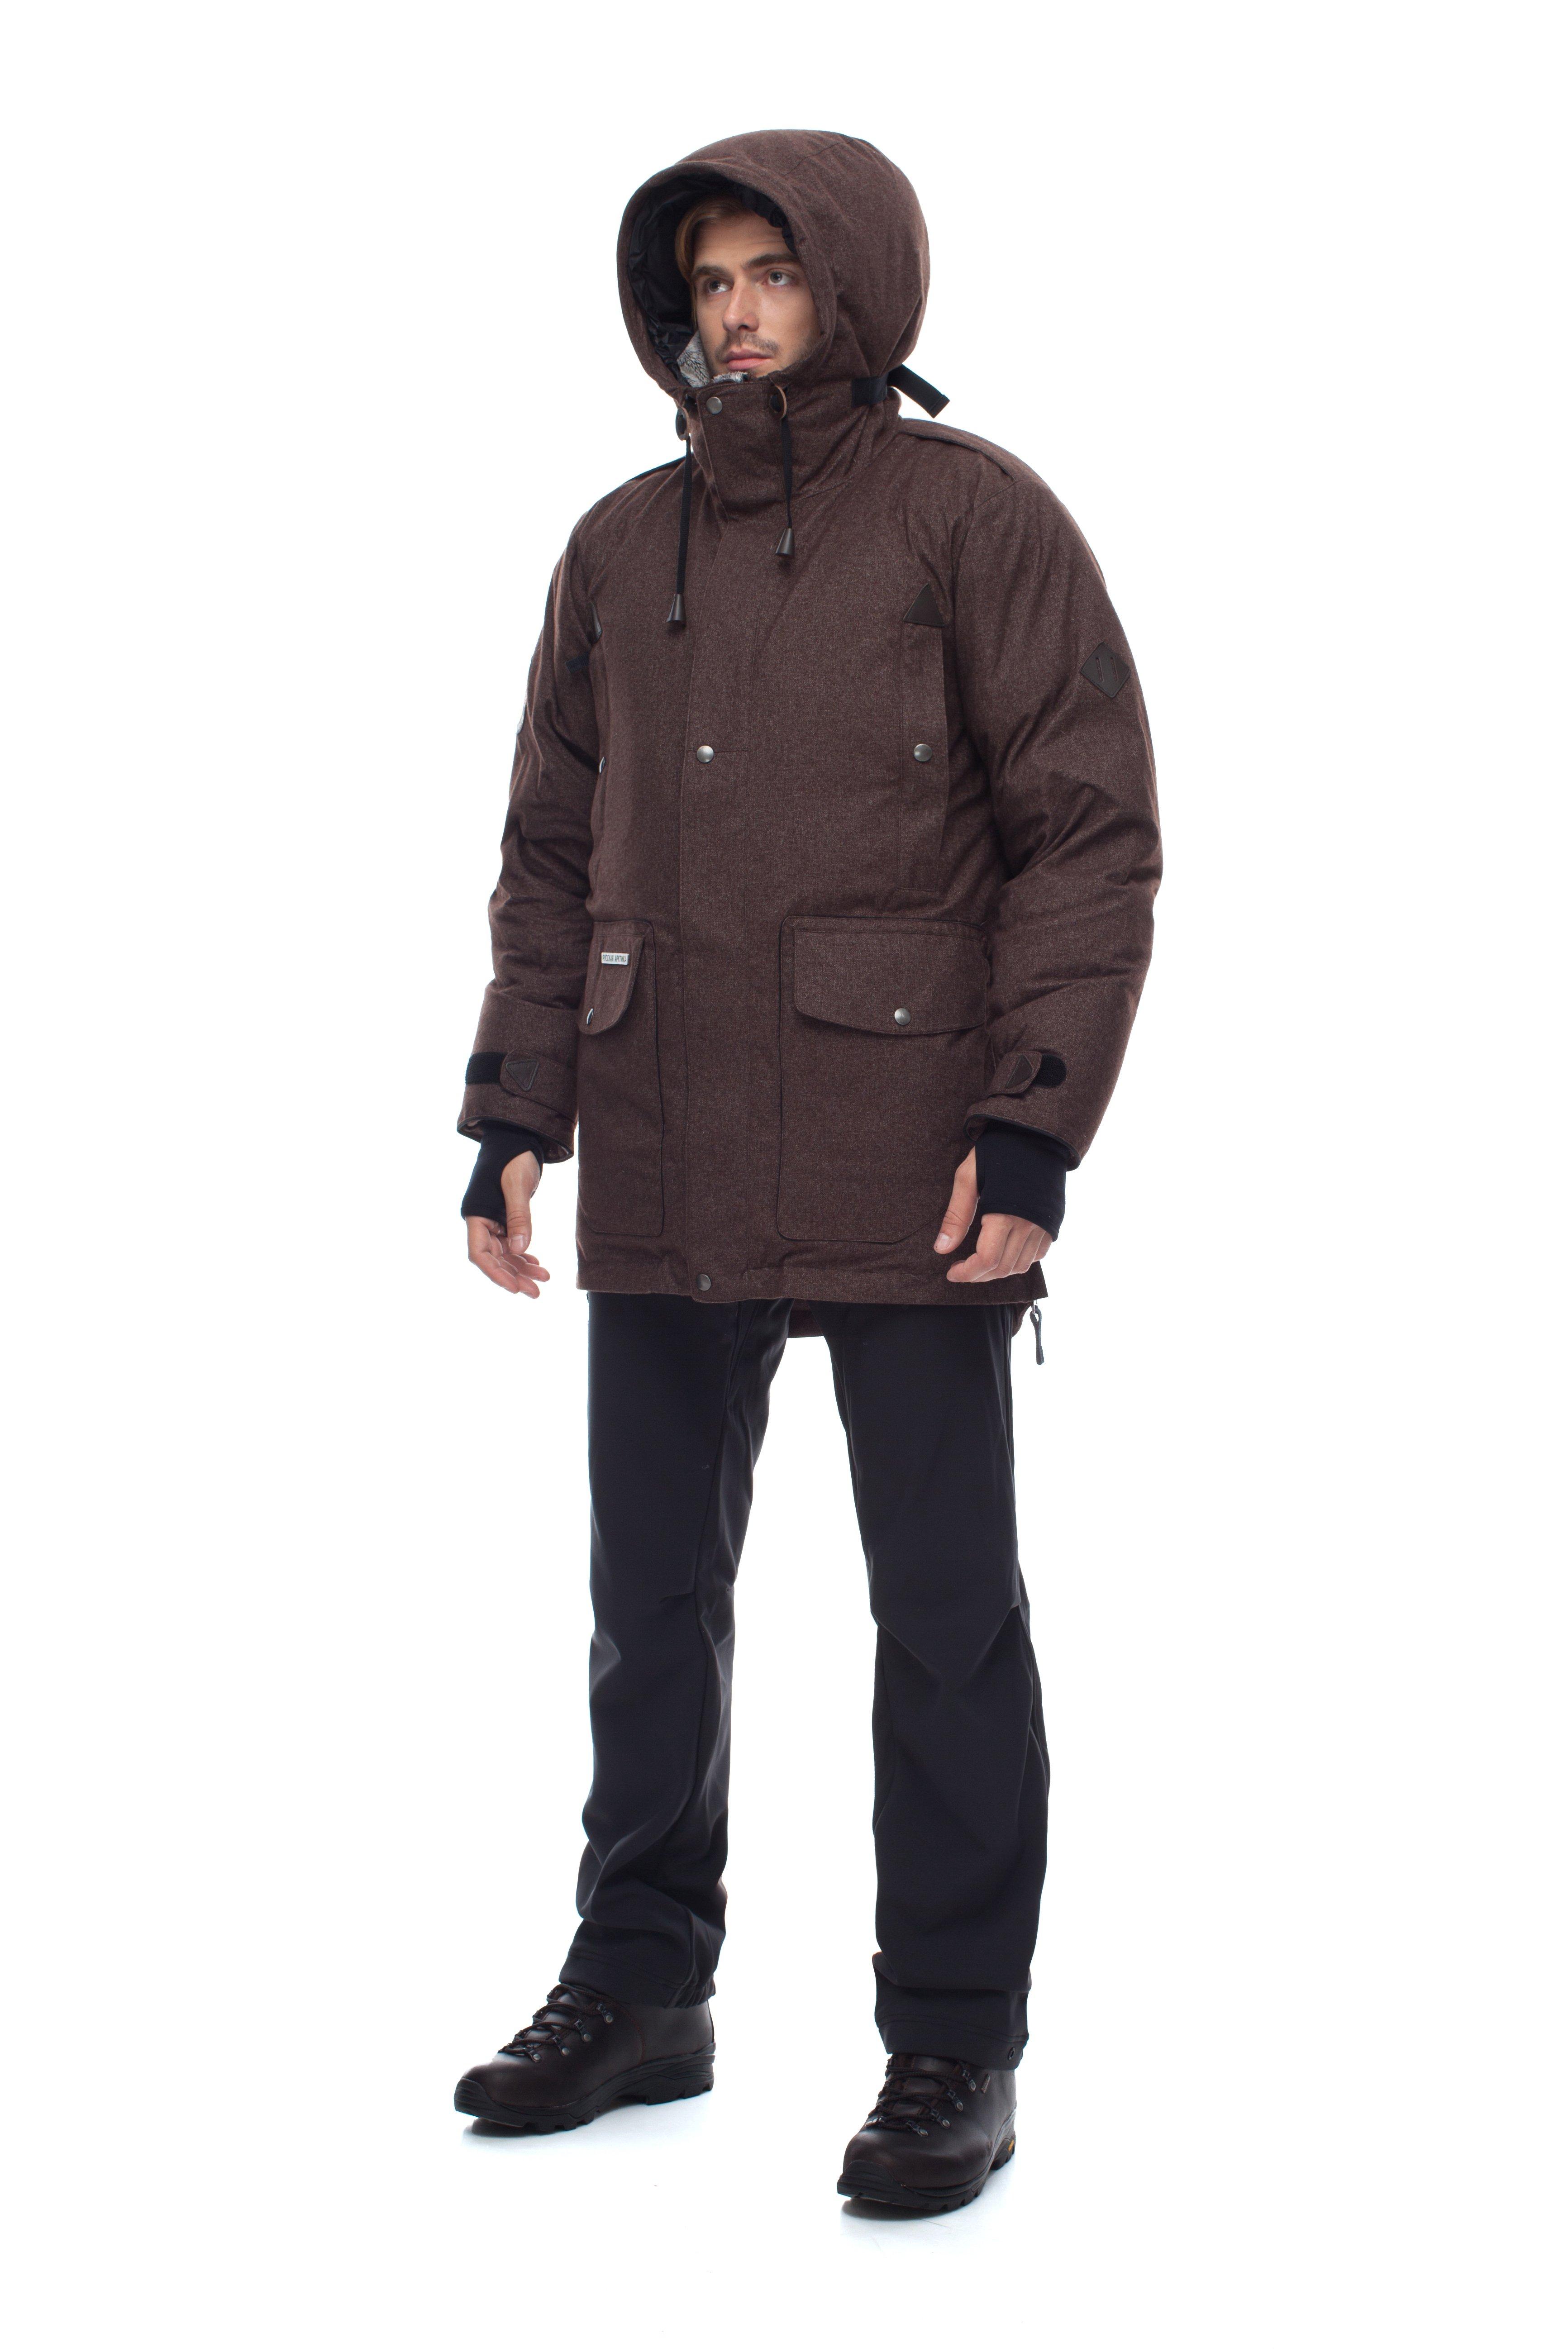 Куртка BASK YENISEY SOFT 1473aТеплая мужская парка c синтетическим утеплителем премиум-класса Shelter&amp;reg;Sport, аналог пуховой куртки Putorana.<br><br>&quot;Дышащие&quot; свойства: Да<br>Верхняя ткань: Advance® Alaska Melange<br>Вес граммы: 1650<br>Вес утеплителя: 400<br>Ветро-влагозащитные свойства верхней ткани: Да<br>Ветрозащитная планка: Да<br>Ветрозащитная юбка: Нет<br>Влагозащитные молнии: Нет<br>Внутренние манжеты: Да<br>Внутренняя ткань: Advance® Classic<br>Водонепроницаемость: 5000<br>Дублирующий центральную молнию клапан: Да<br>Защитный козырёк капюшона: Нет<br>Капюшон: Несъемный<br>Карман для средств связи: Нет<br>Количество внешних карманов: 8<br>Количество внутренних карманов: 2<br>Коллекция: Pole to Pole<br>Мембрана: Да<br>Объемный крой локтевой зоны: Нет<br>Отстёгивающиеся рукава: Нет<br>Паропроницаемость: 5000<br>Пол: Мужской<br>Проклейка швов: Нет<br>Регулировка манжетов рукавов: Да<br>Регулировка низа: Нет<br>Регулировка объёма капюшона: Да<br>Регулировка талии: Да<br>Регулируемые вентиляционные отверстия: Нет<br>Световозвращающая лента: Нет<br>Температурный режим: -35<br>Технология Thermal Welding: Нет<br>Технология швов: Простые<br>Тип молнии: Двухзамковая<br>Тип утеплителя: Синтетический<br>Ткань усиления: Нет<br>Усиление контактных зон: Нет<br>Утеплитель: Shelter®Sport<br>Размер RU: 52<br>Цвет: СЕРЫЙ